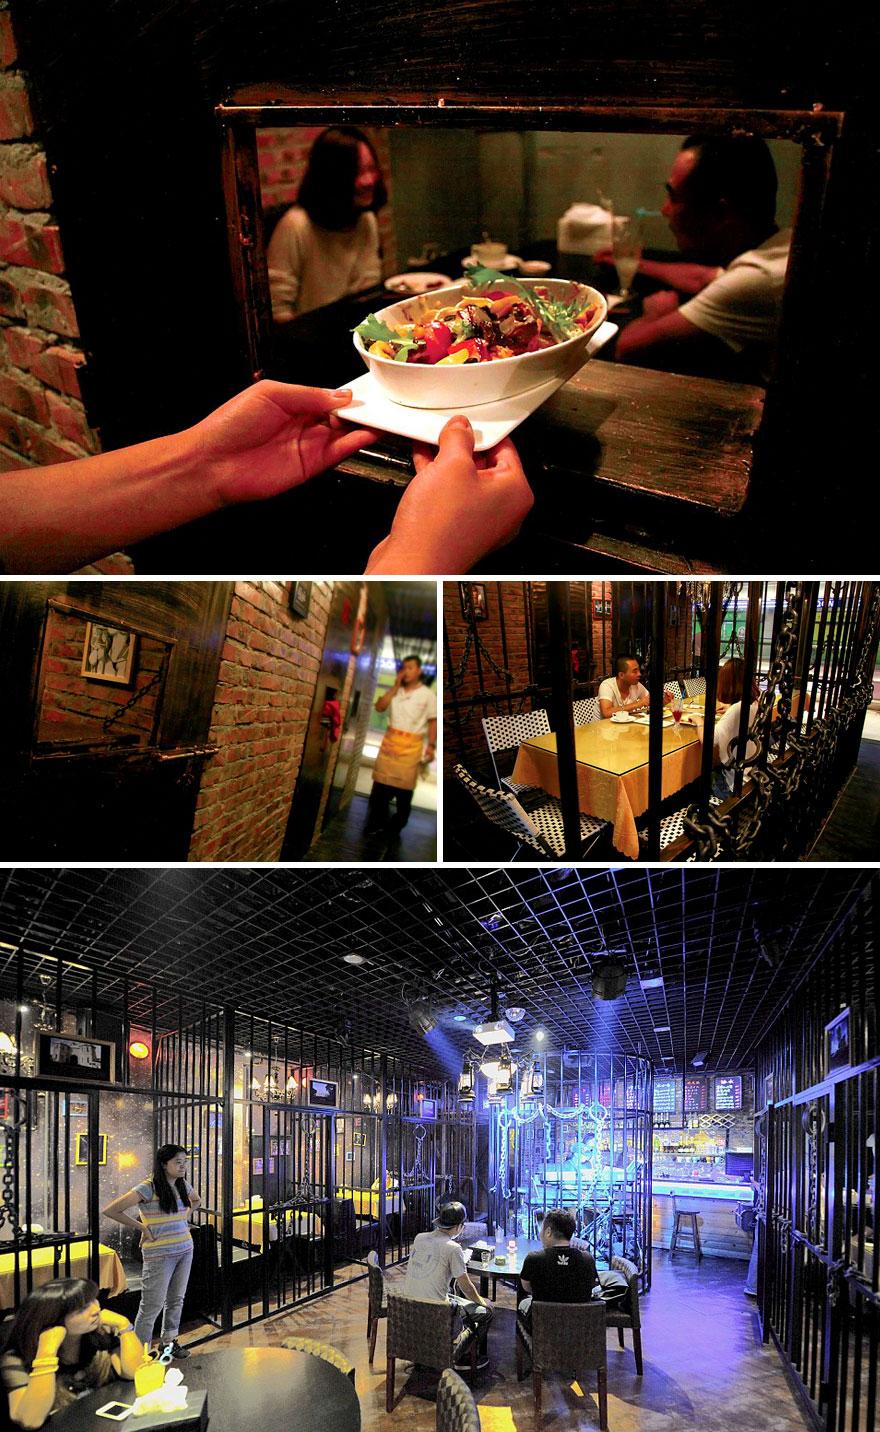 worlds-most-amazing-restaurants-unique-dining-experiences-58-57eba322de9b9__880